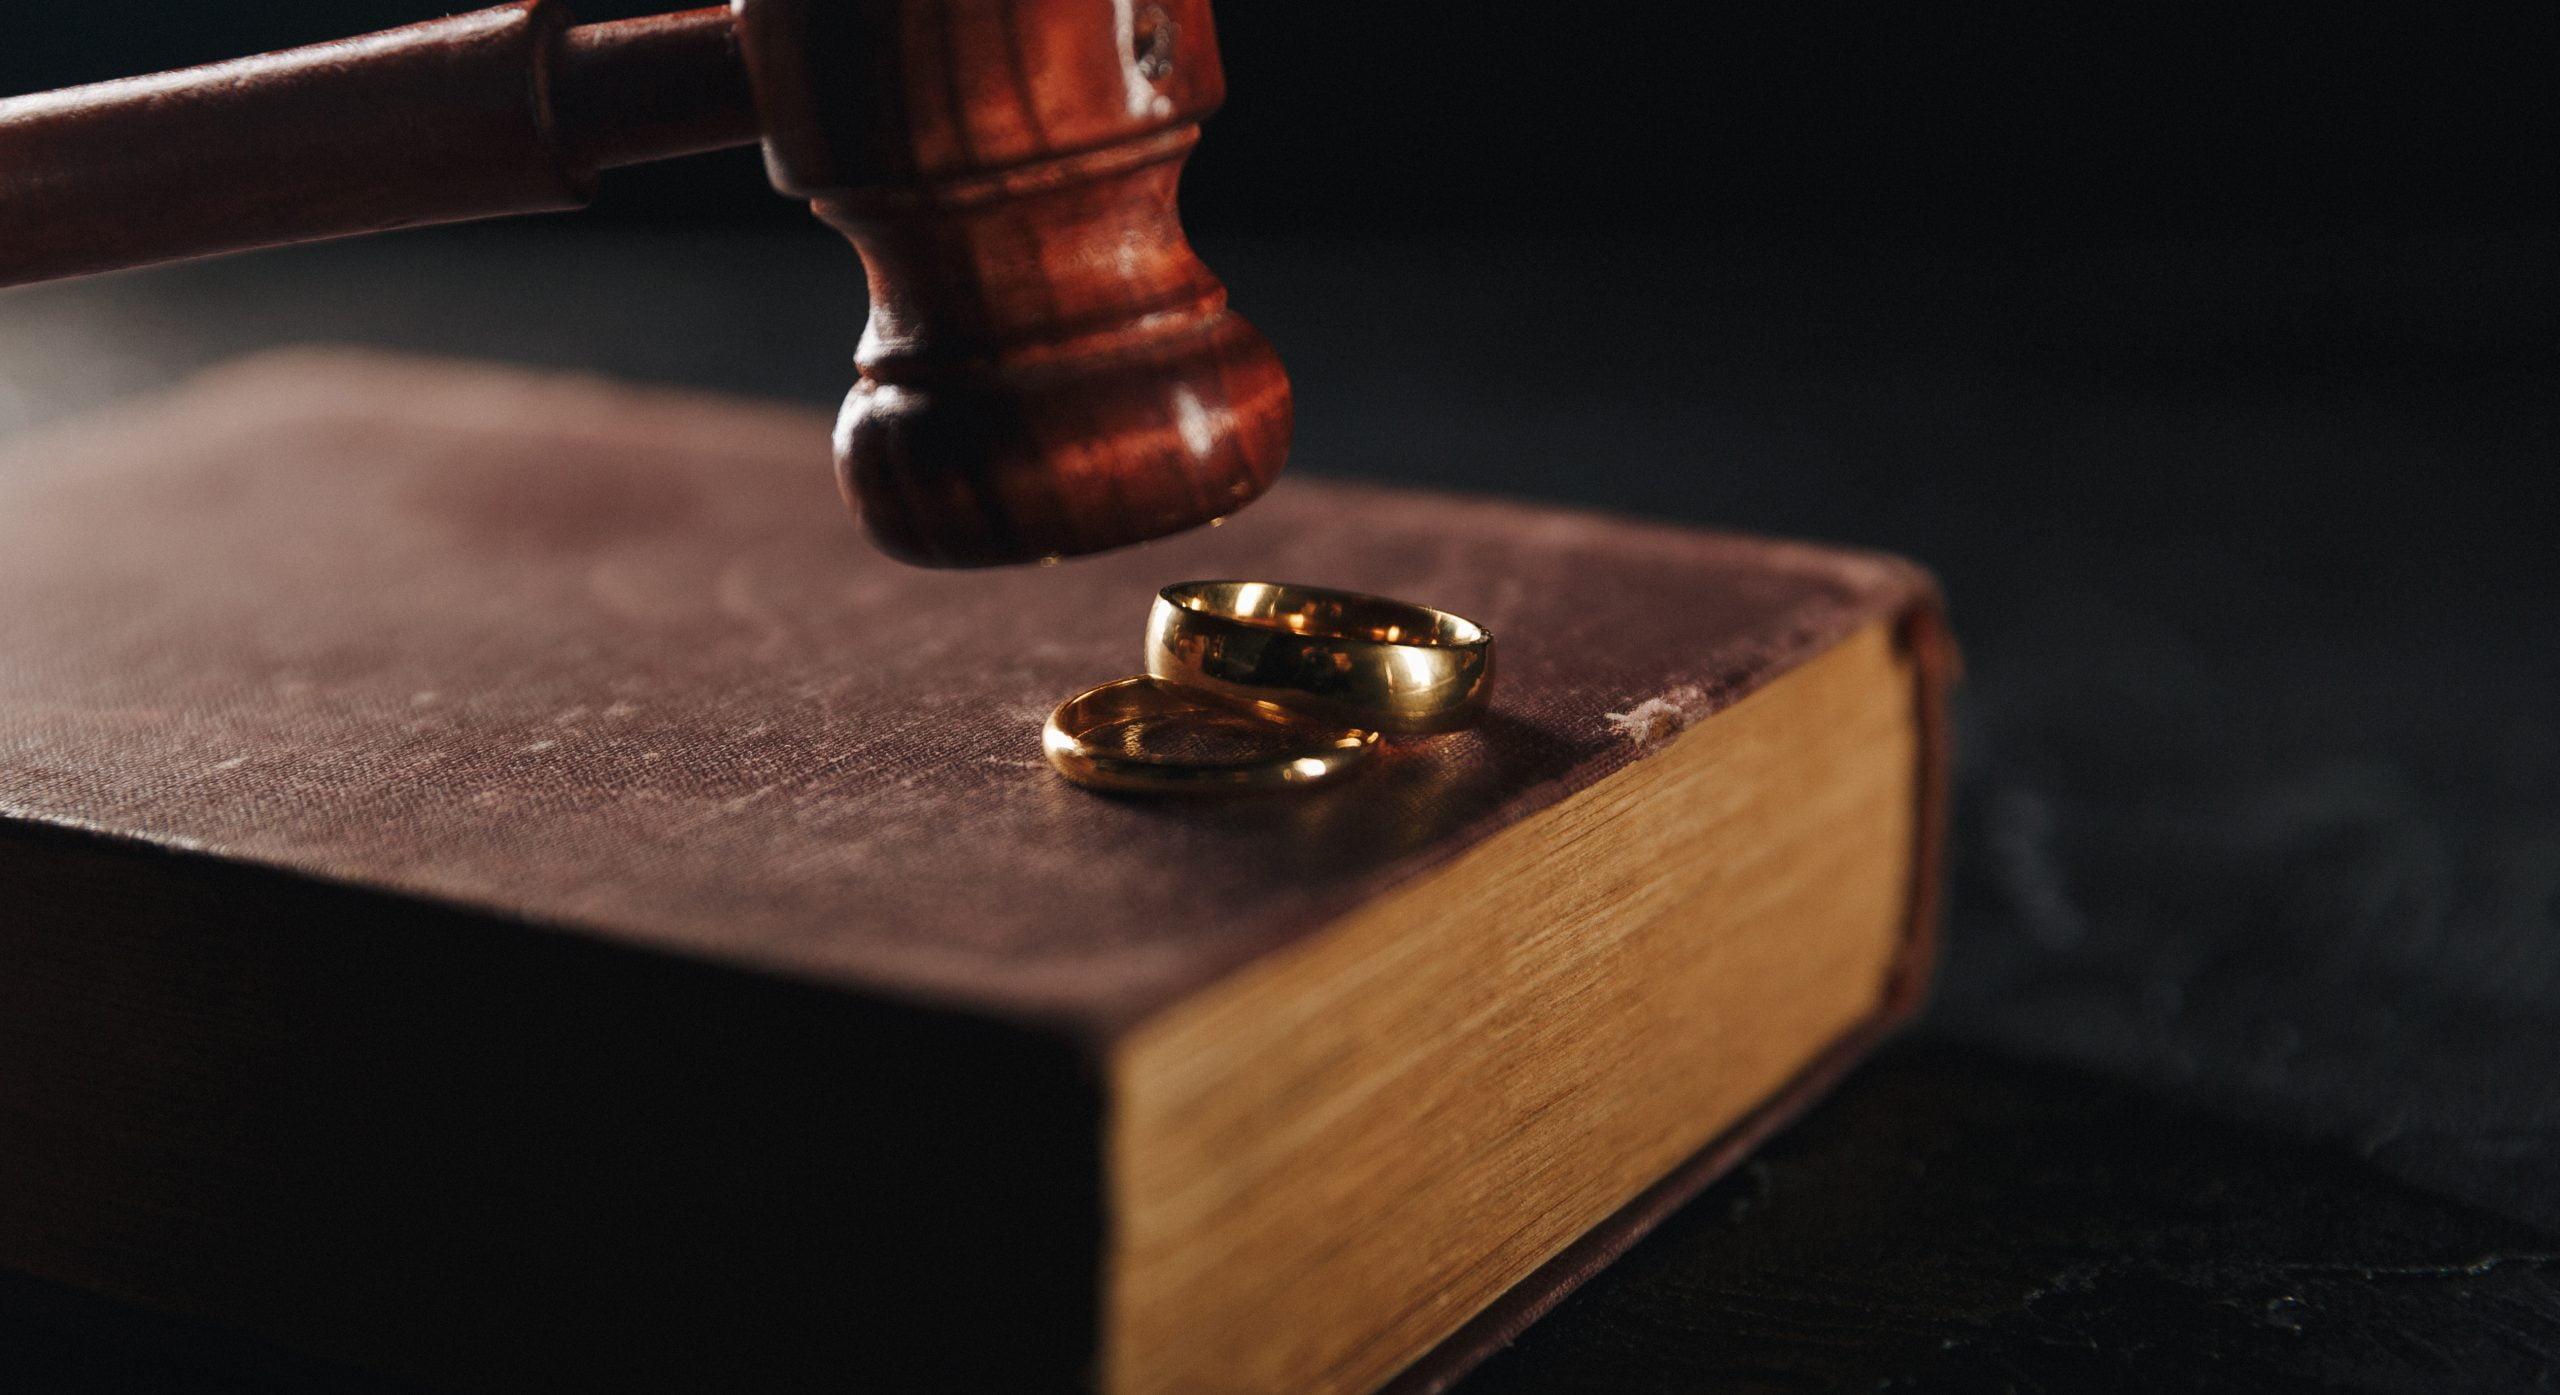 Sprawa rozwodowa - obrączki